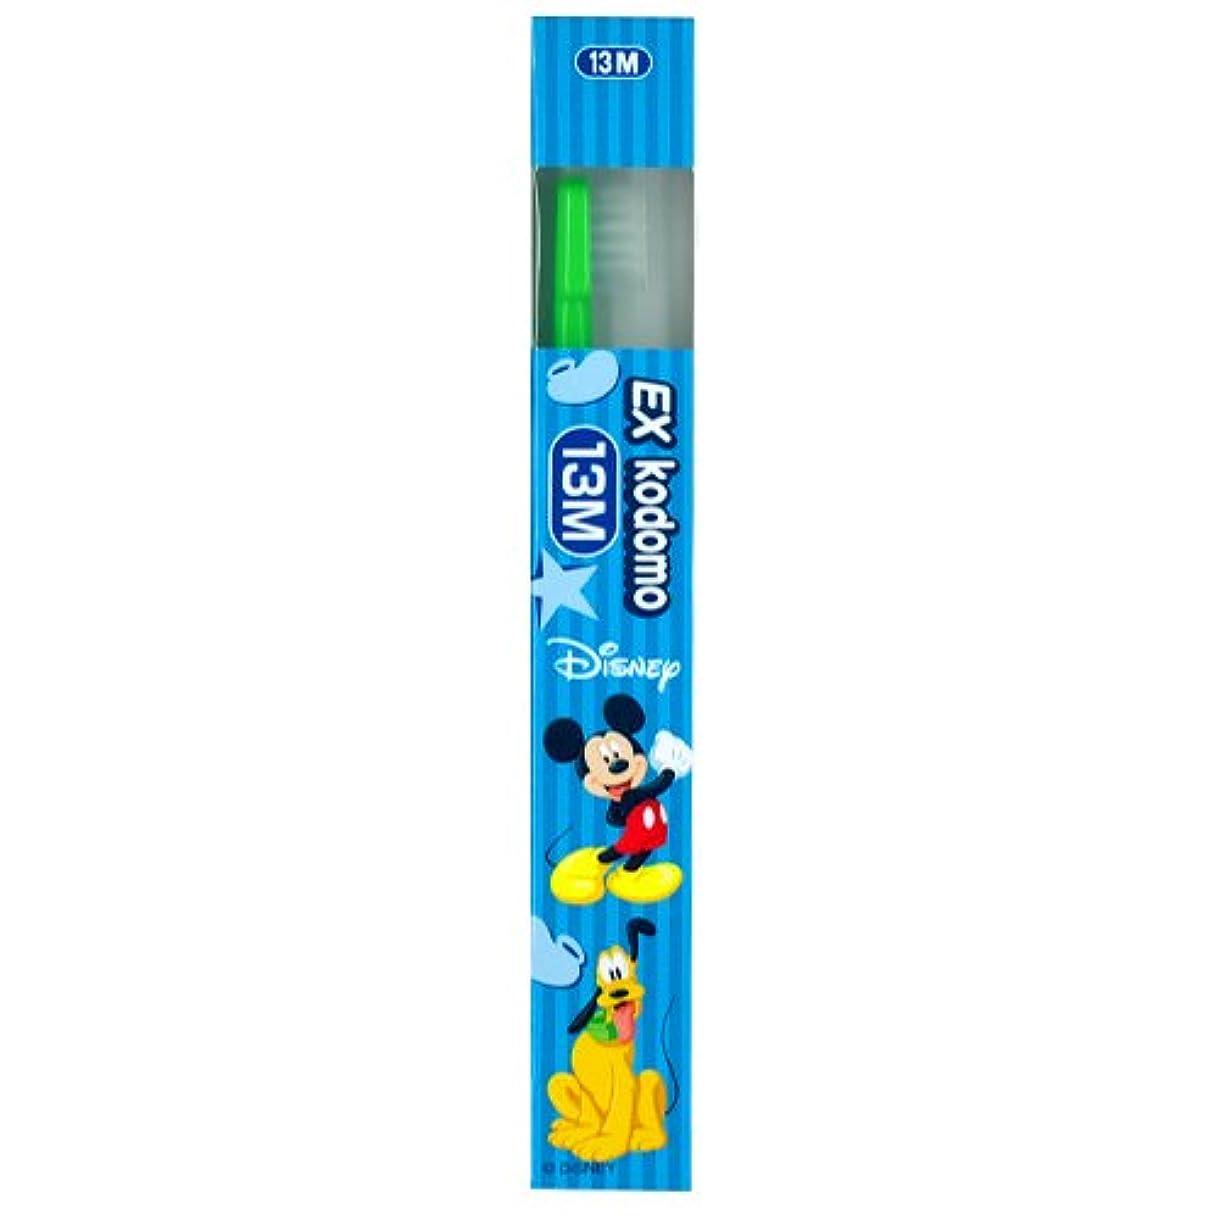 知性受け入れたエッセイライオン EX kodomo ディズニー 歯ブラシ 1本 13M グリーン